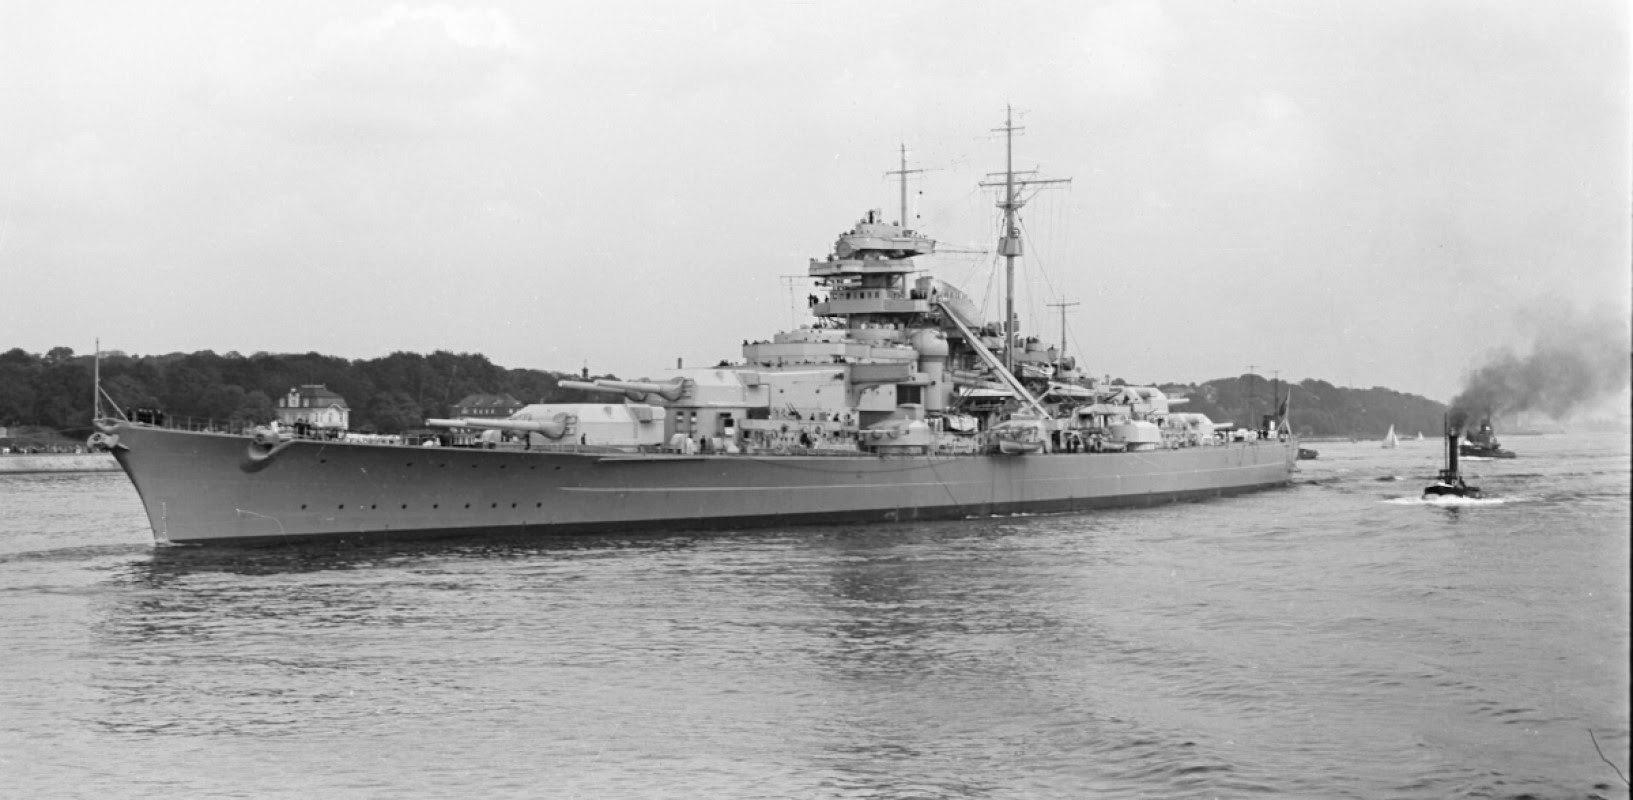 File:Bundesarchiv Bild 193-04-1-26, Schlachtschiff Bismarck.jpg